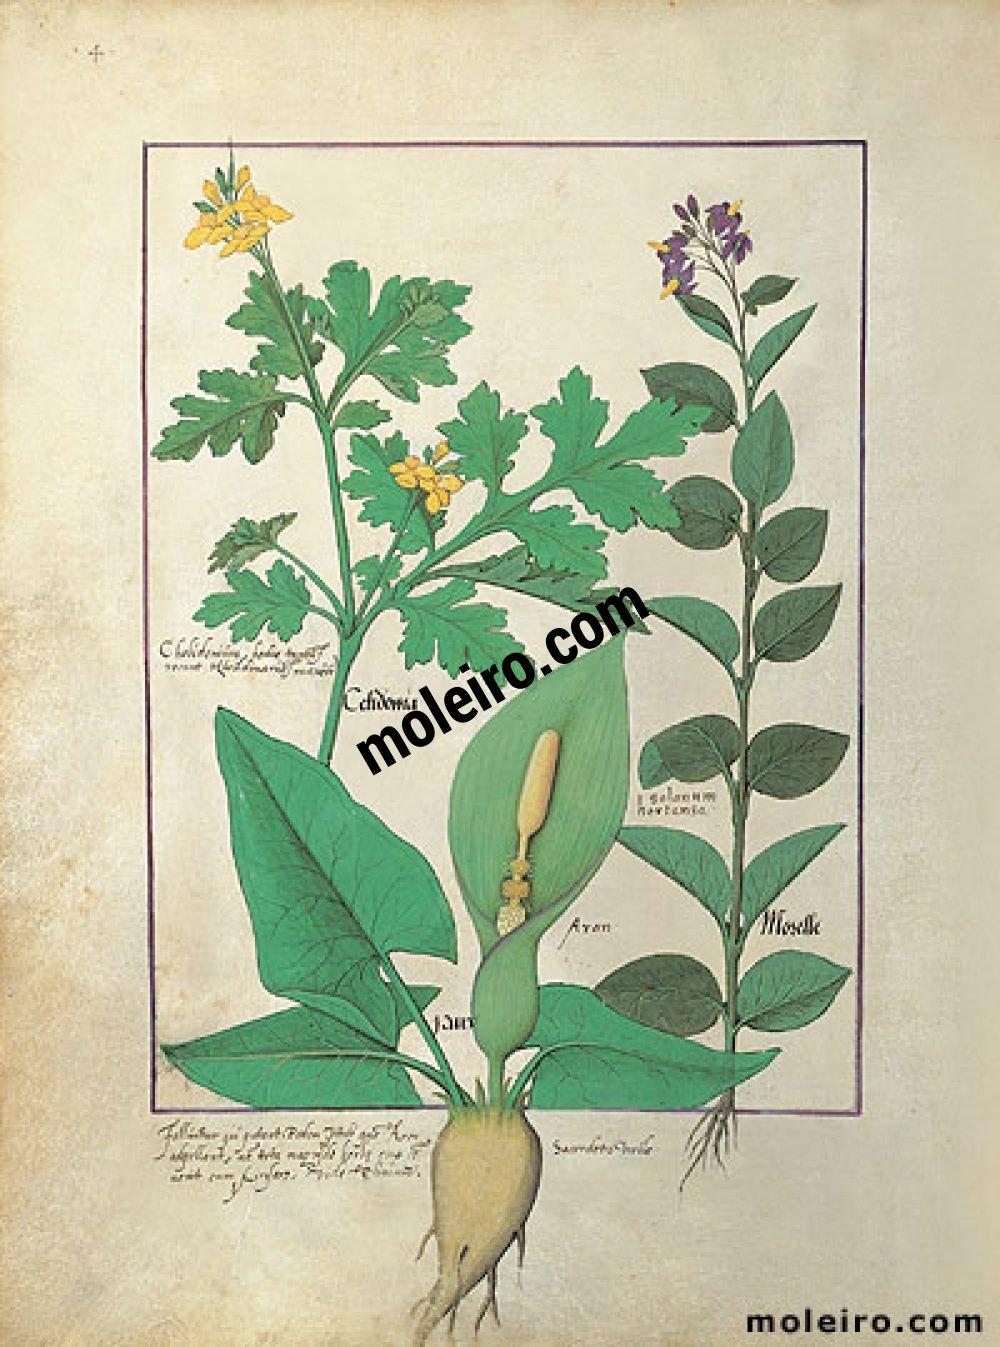 Libro delle Medicine Semplici folio 113v